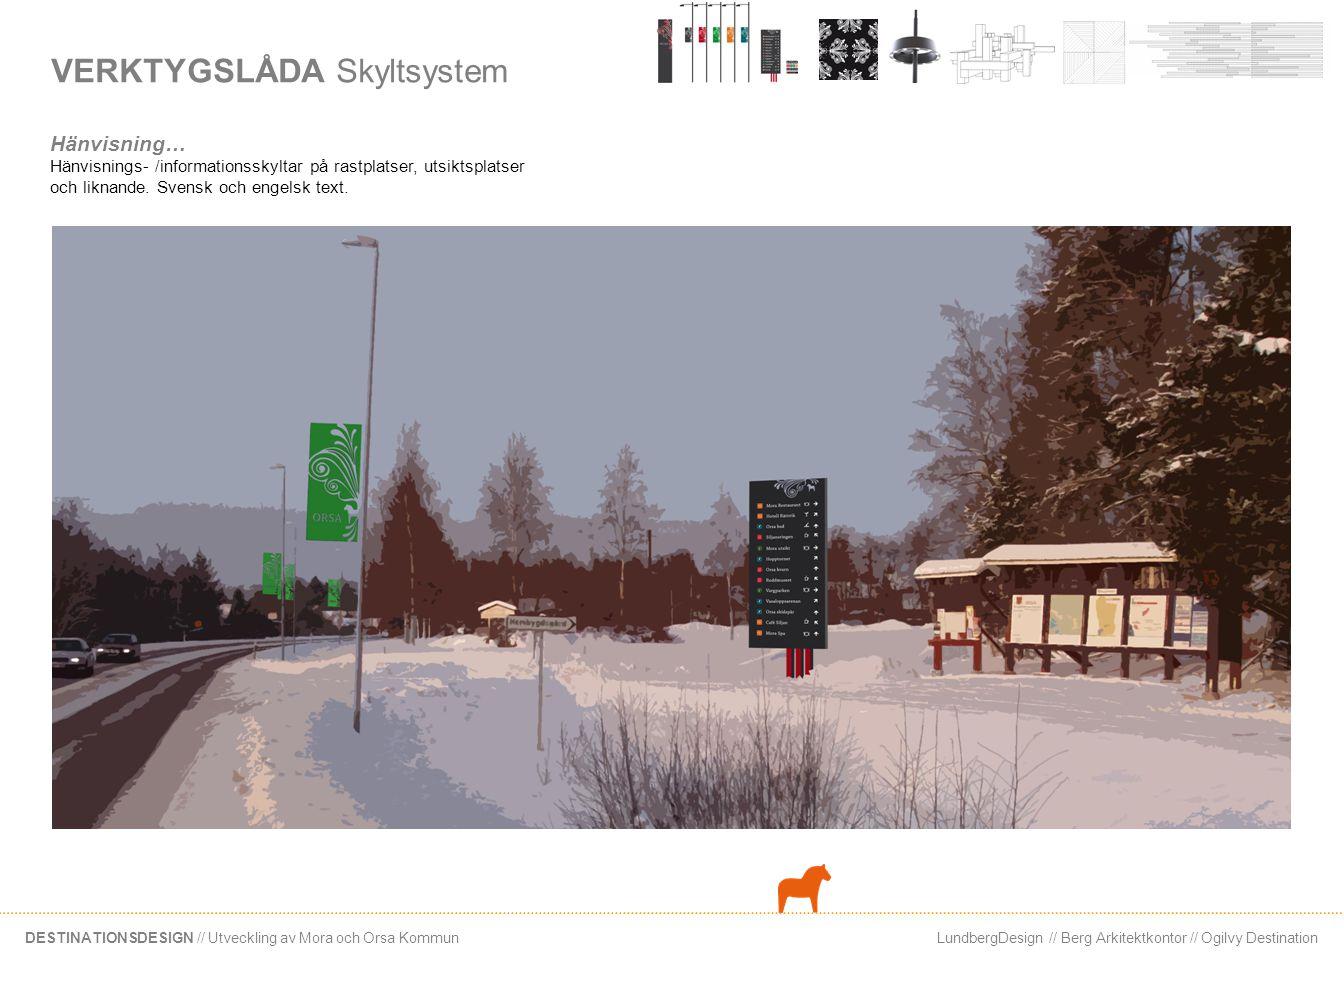 LundbergDesign // Berg Arkitektkontor // Ogilvy DestinationDESTINATIONSDESIGN // Utveckling av Mora och Orsa Kommun VERKTYGSLÅDA Skyltsystem Hänvisnin